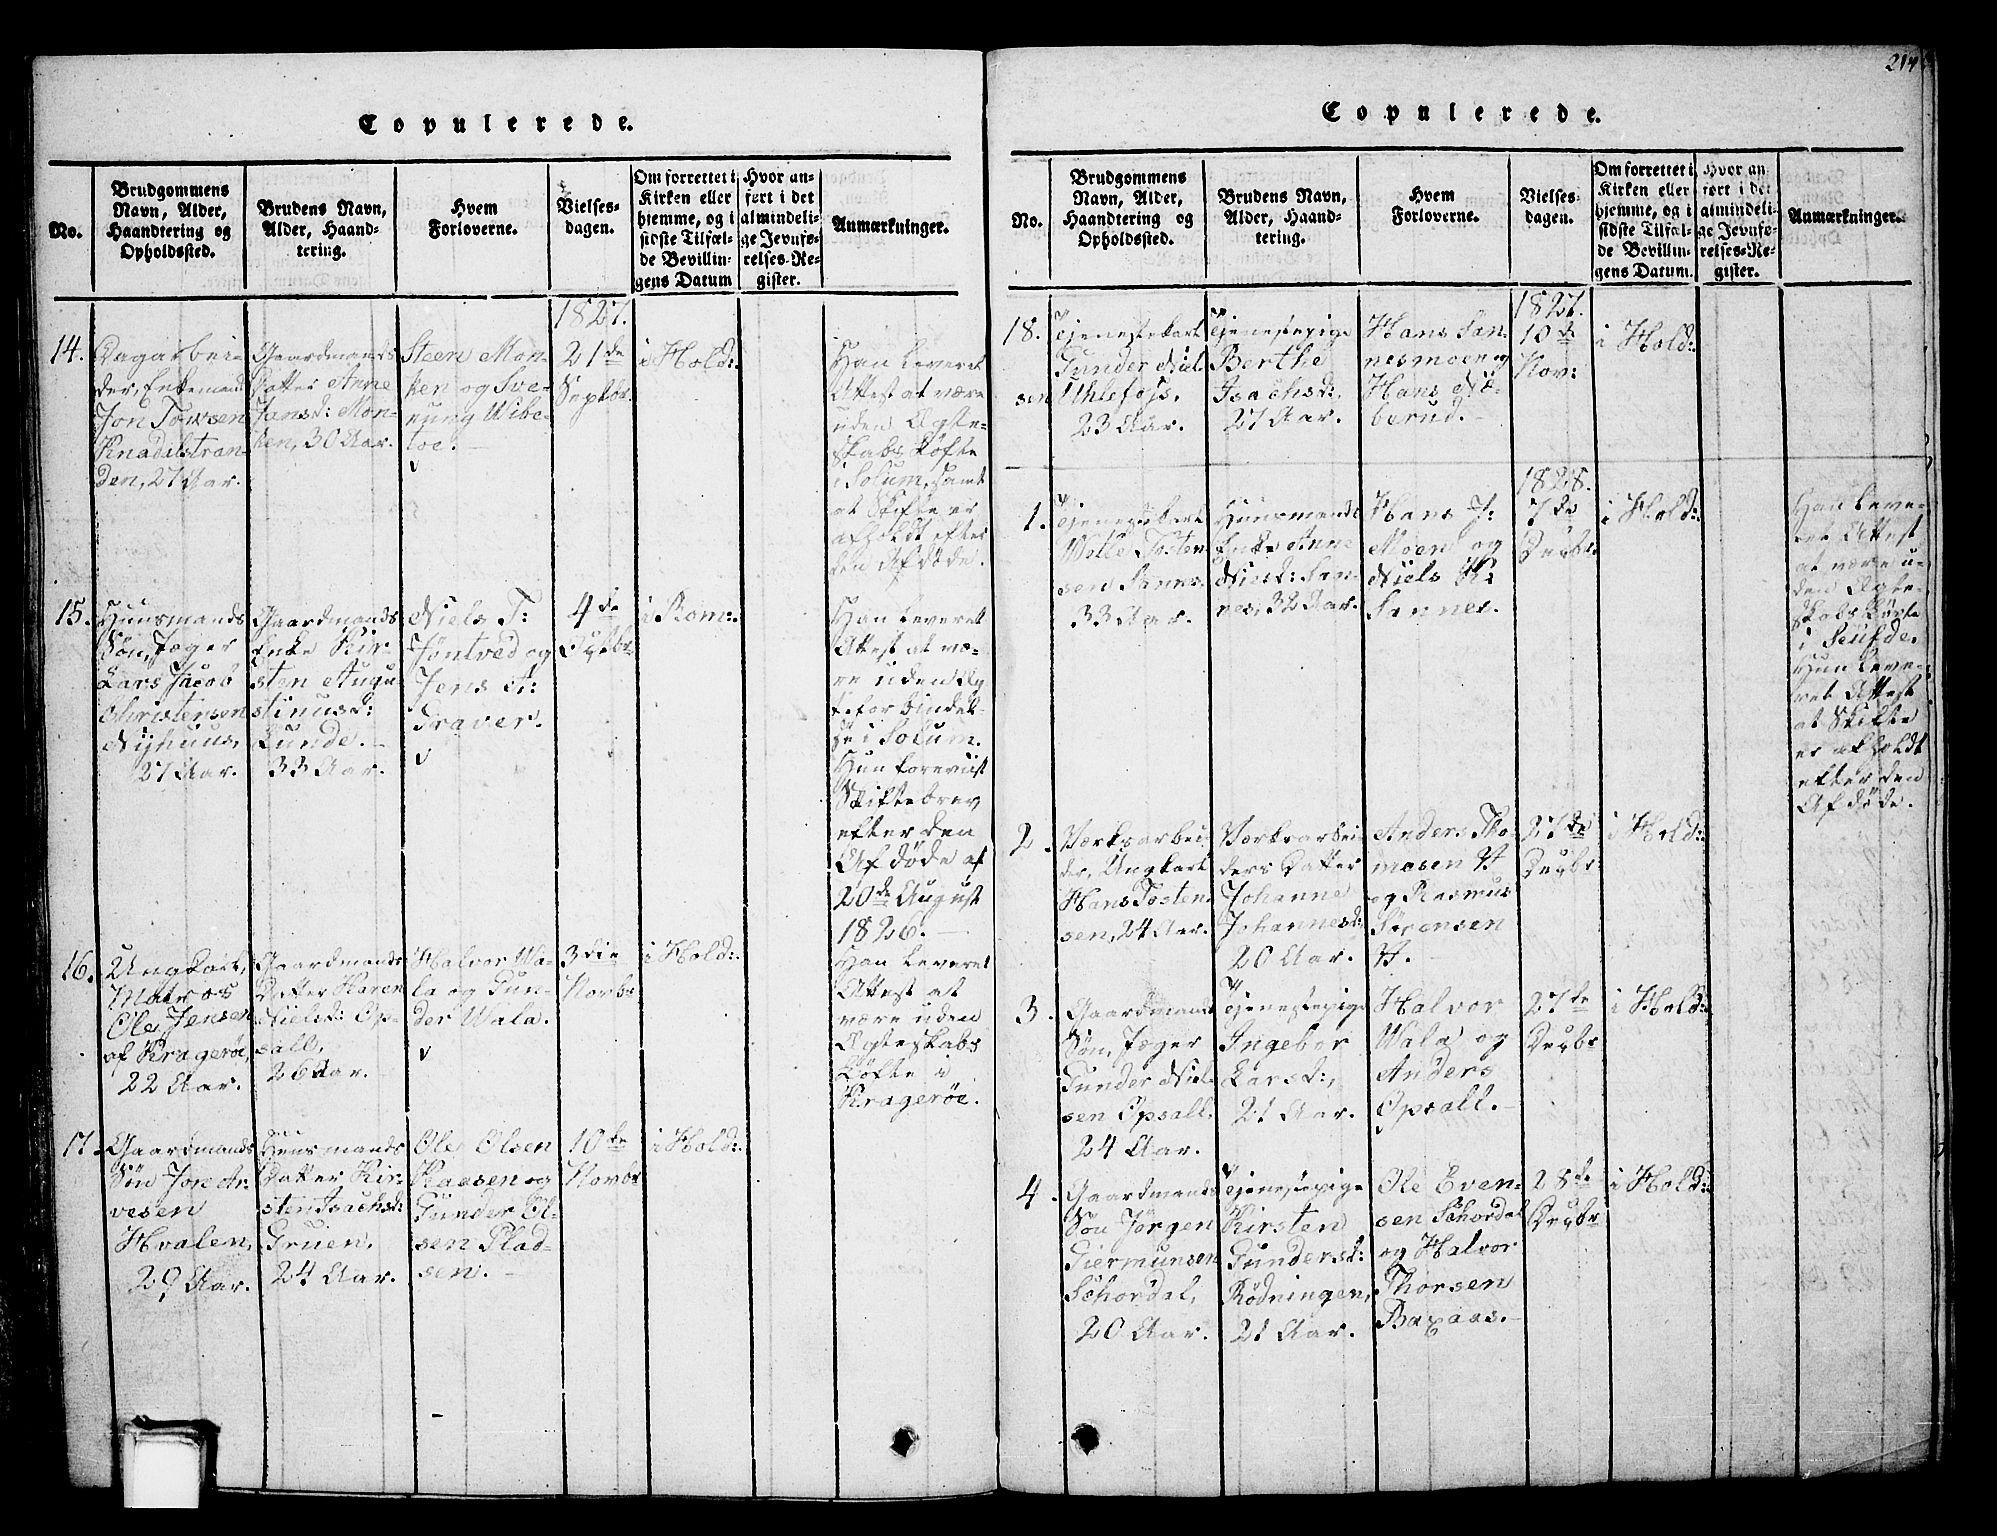 SAKO, Holla kirkebøker, G/Ga/L0001: Klokkerbok nr. I 1, 1814-1830, s. 214